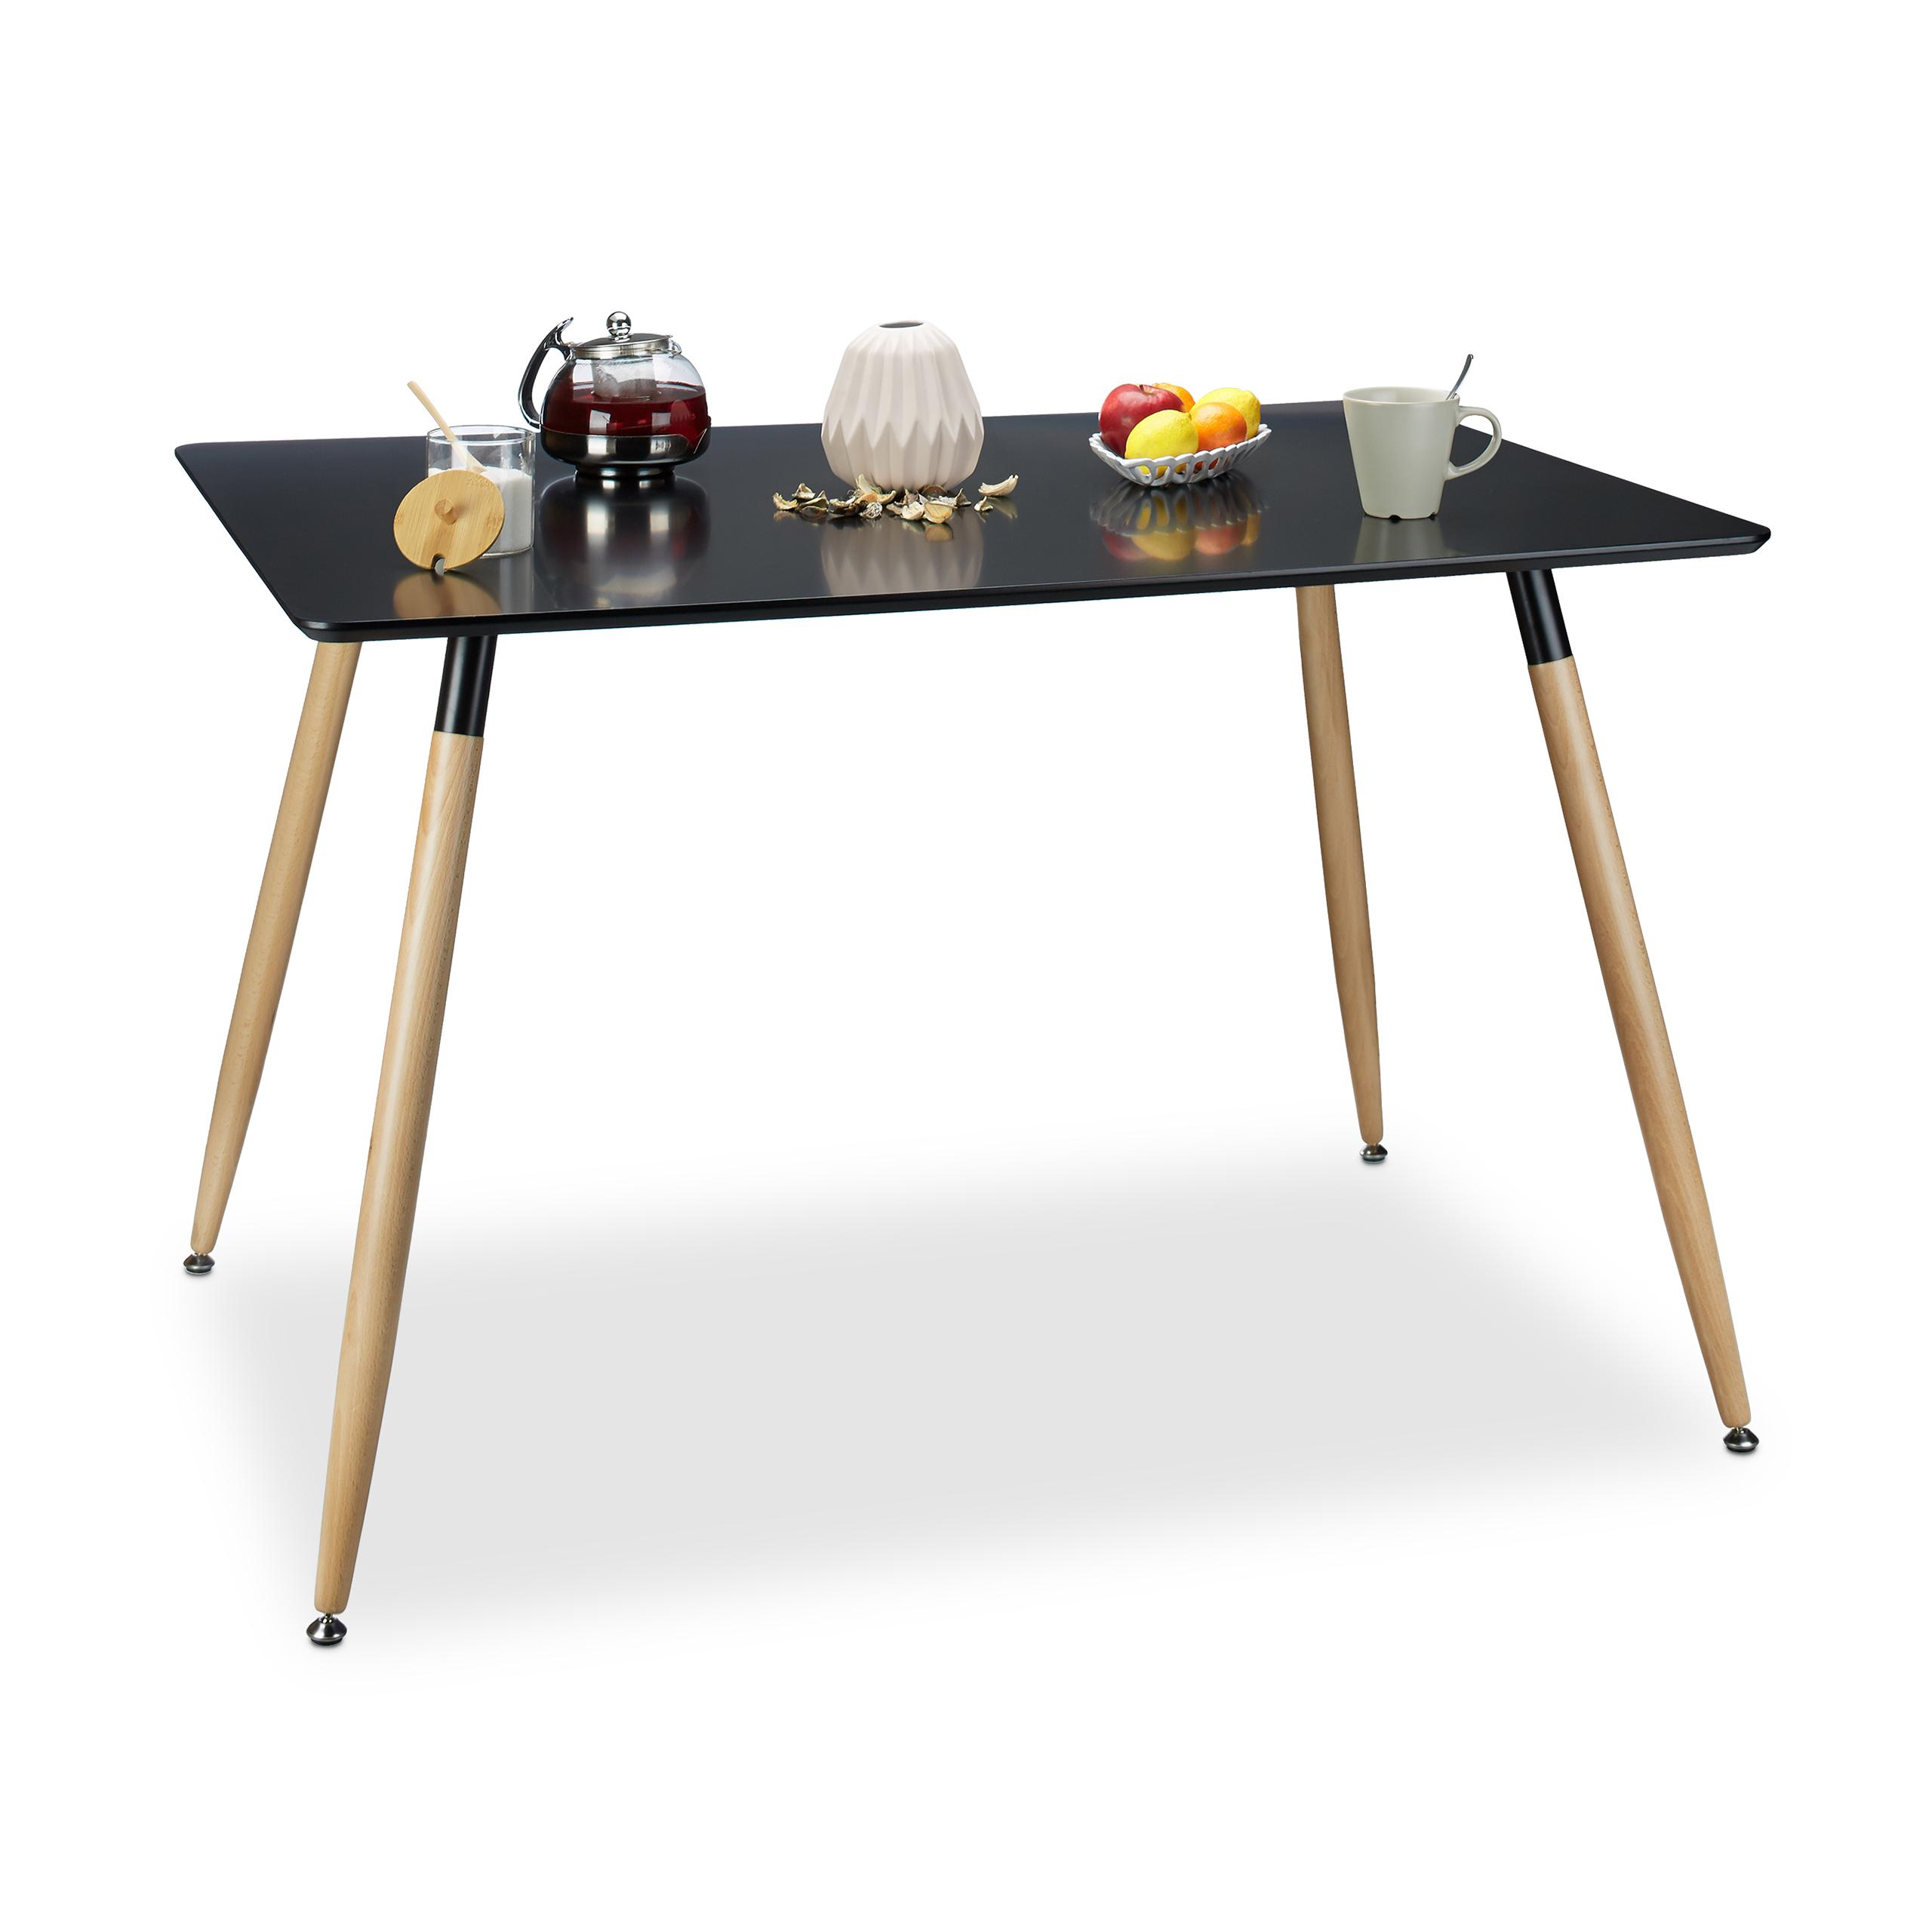 Table-a-manger-table-de-salon-table-appoint-en-bois-design-scandinave-nordique